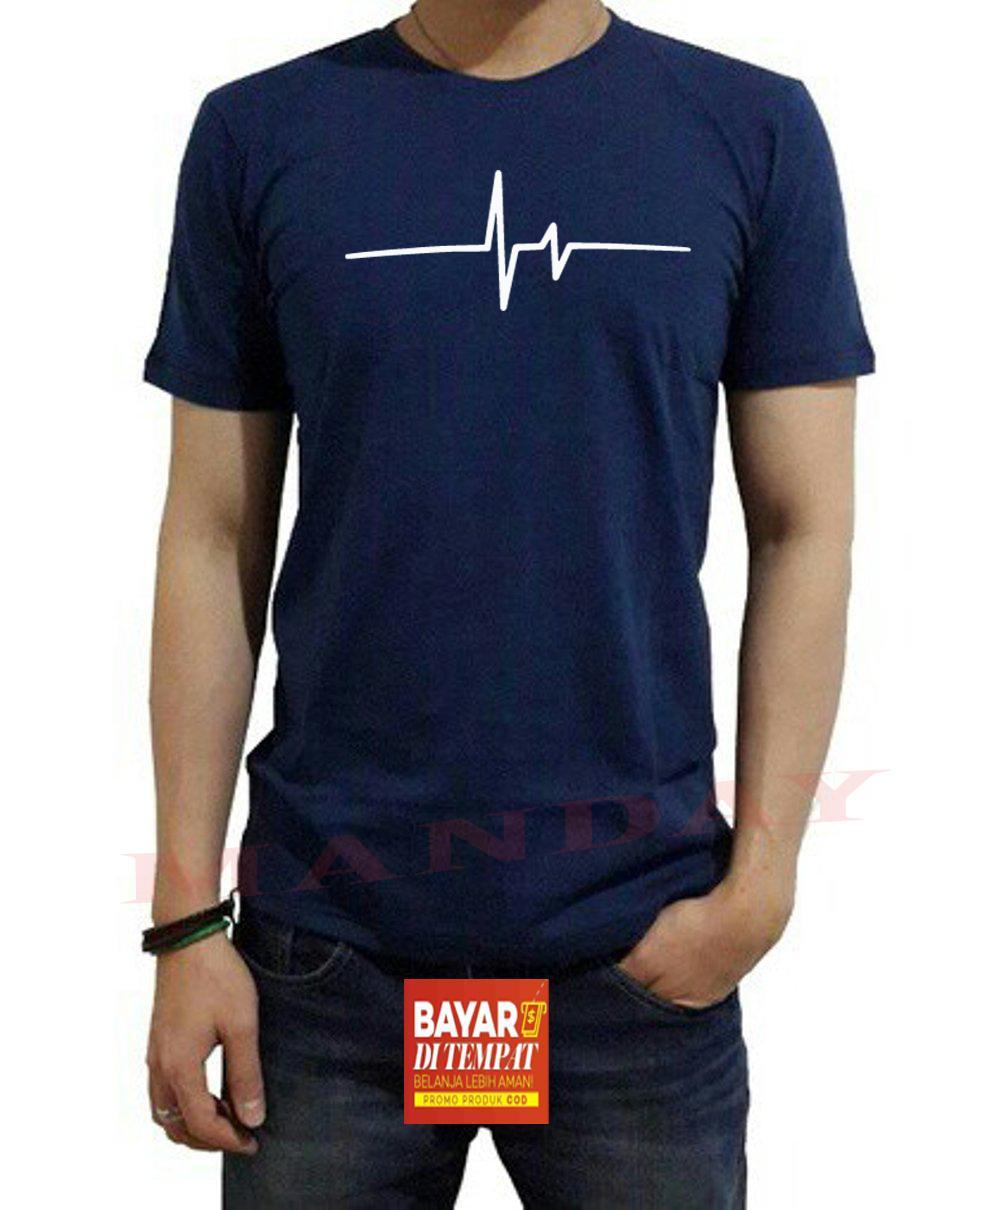 MANDAY FASHION - Kaos Termurah / Kaos Terlaris / Kaos Terbaru / Fashion Distro 100%